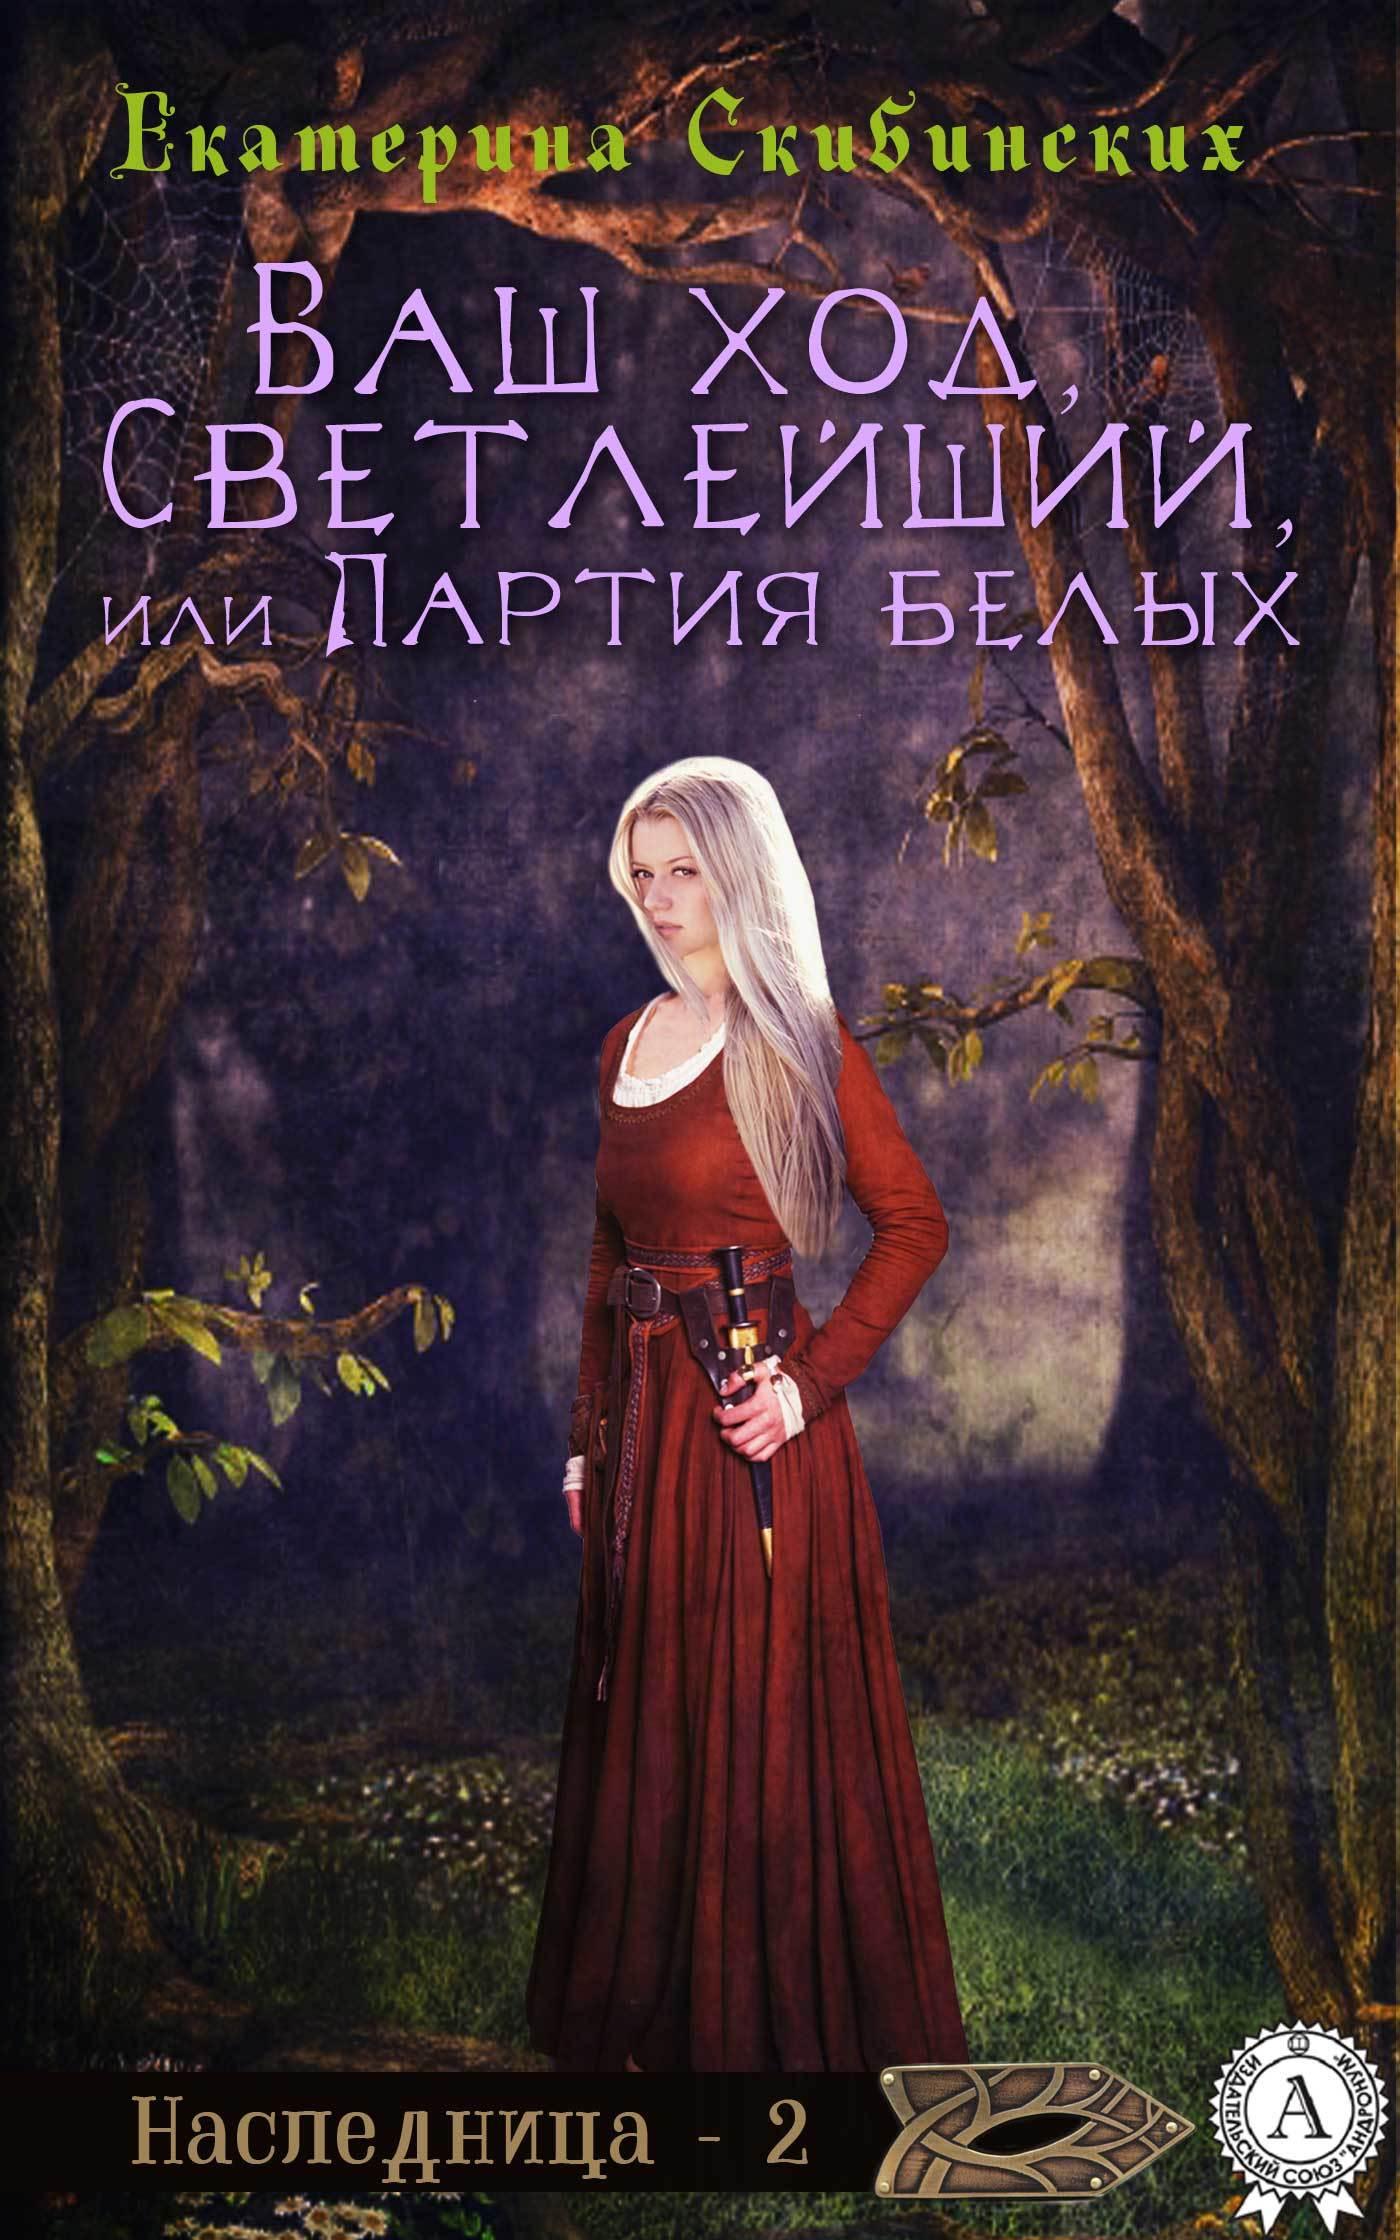 Екатерина Скибинских Ваш ход, Светлейший, или Партия белых ISBN: 978-1-387-71541-1 расплата за все